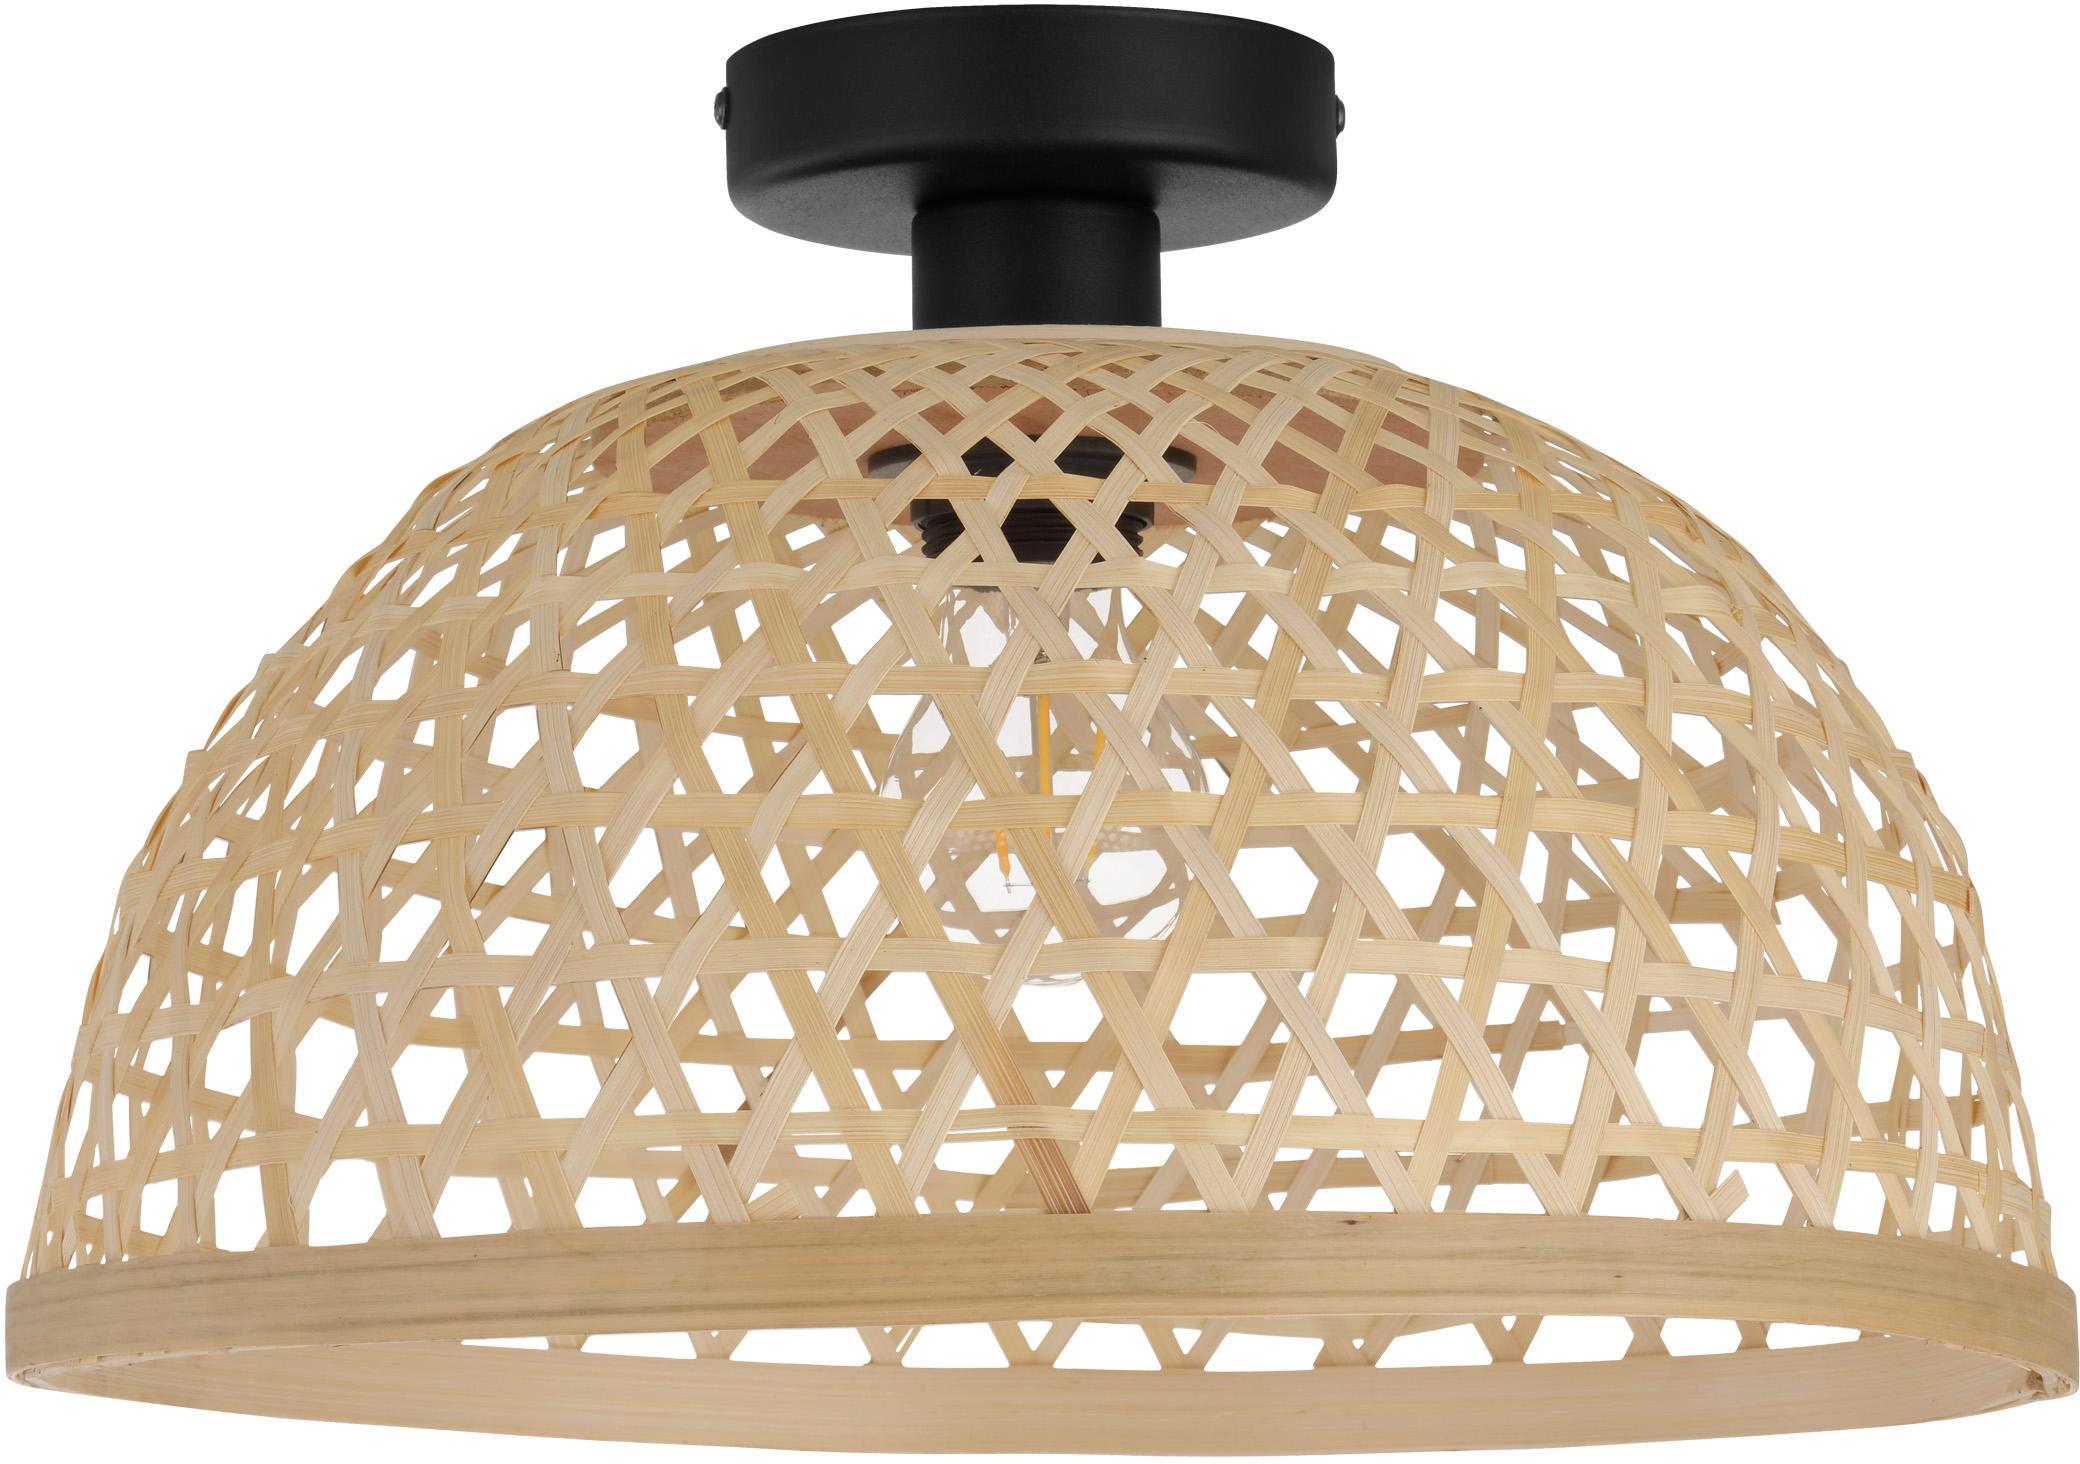 Plafón de bambú Claverdon, Pantalla: madera de bambú, Anclaje: metal pintado, Bayo, Ø 37 x Al 25 cm